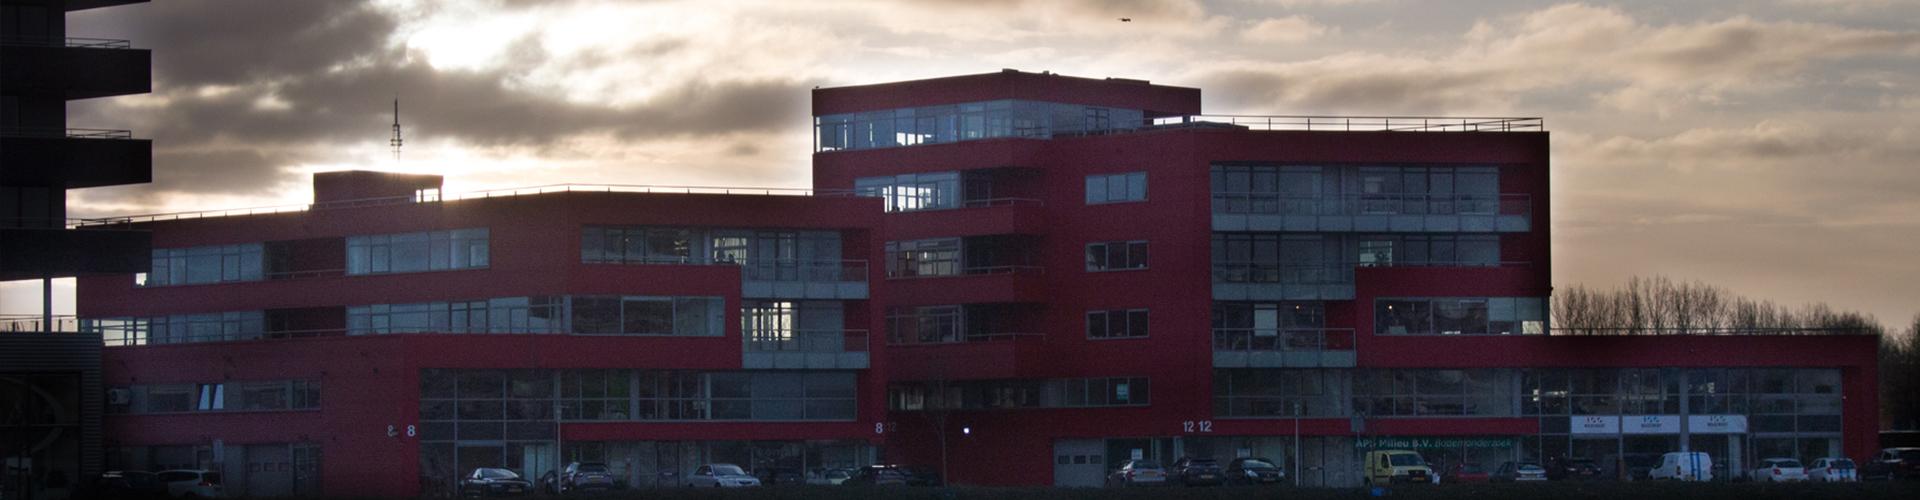 Contact enmanszaak Comak Administratiekantoor Haarlem